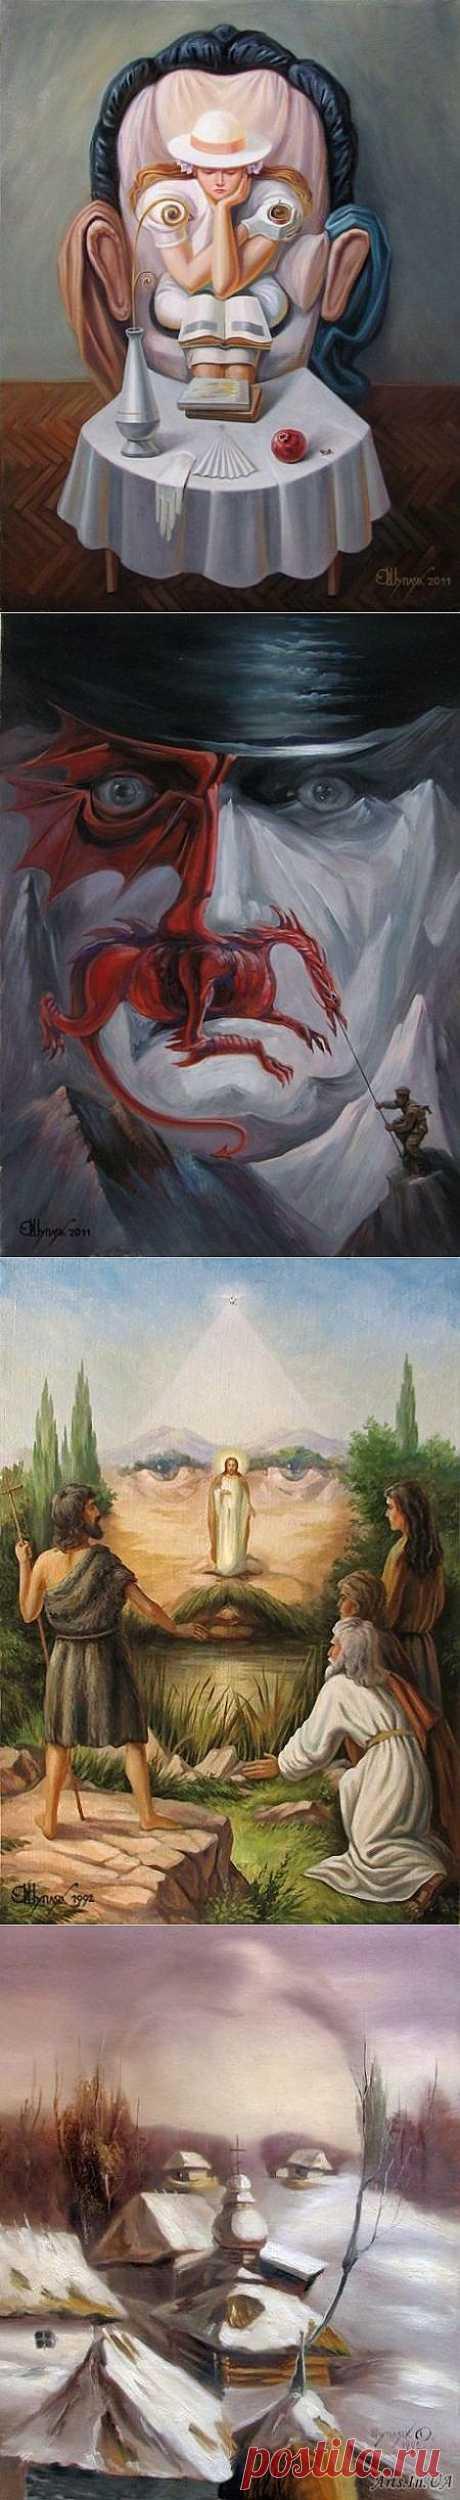 Картины-иллюзии » Дуделка - Интересные новости и фото